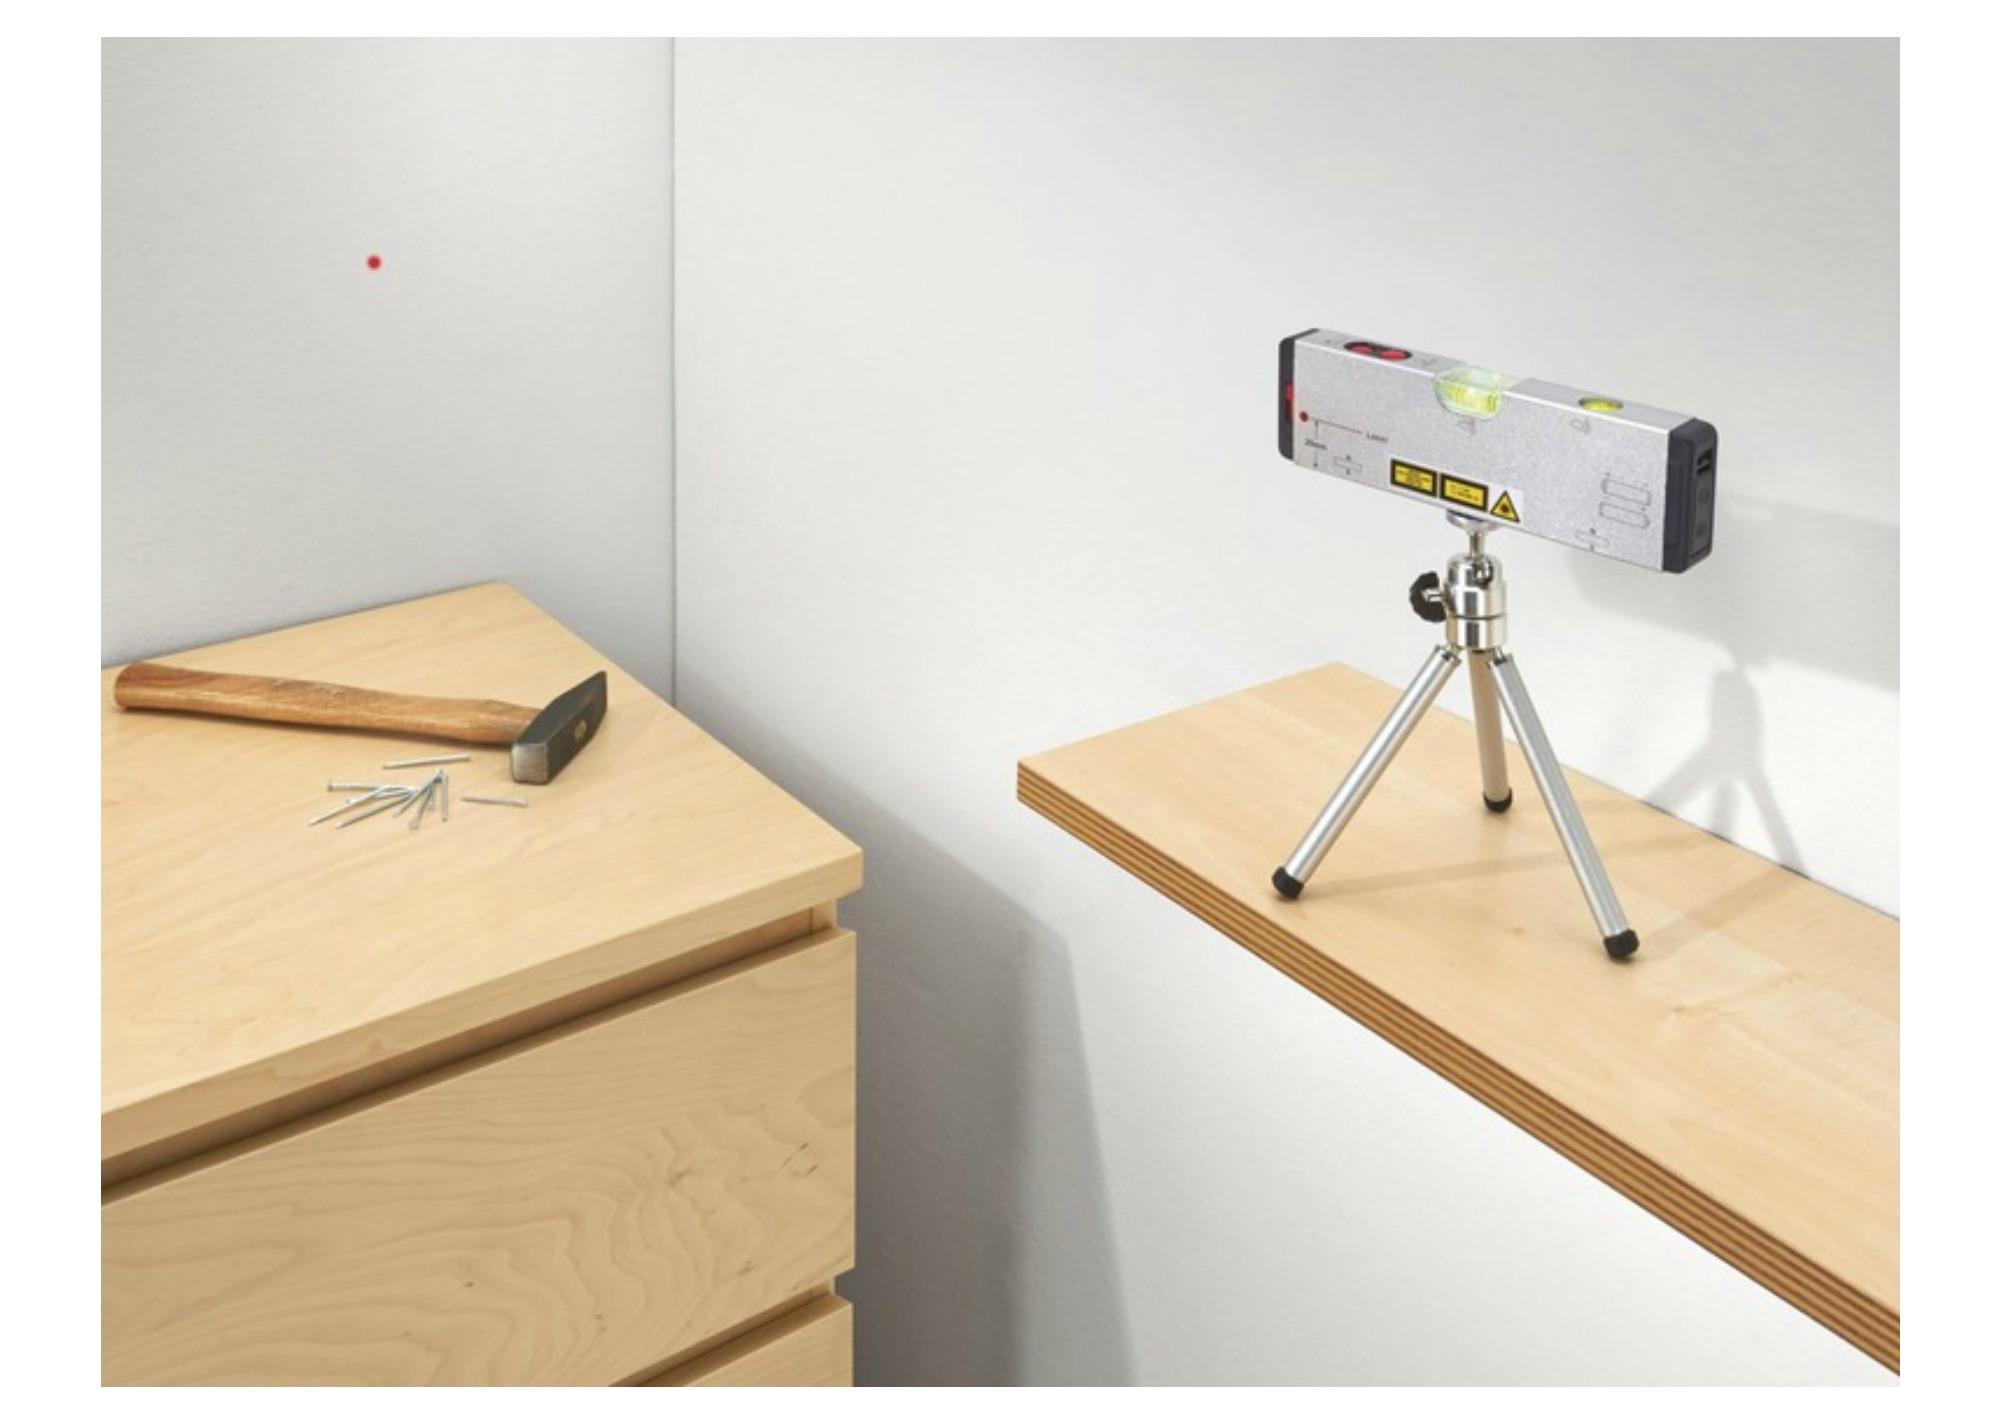 Badkamer Accessoires Action : Top 5 nieuwe gadgets bij de action lidl en aldi: week 33 want